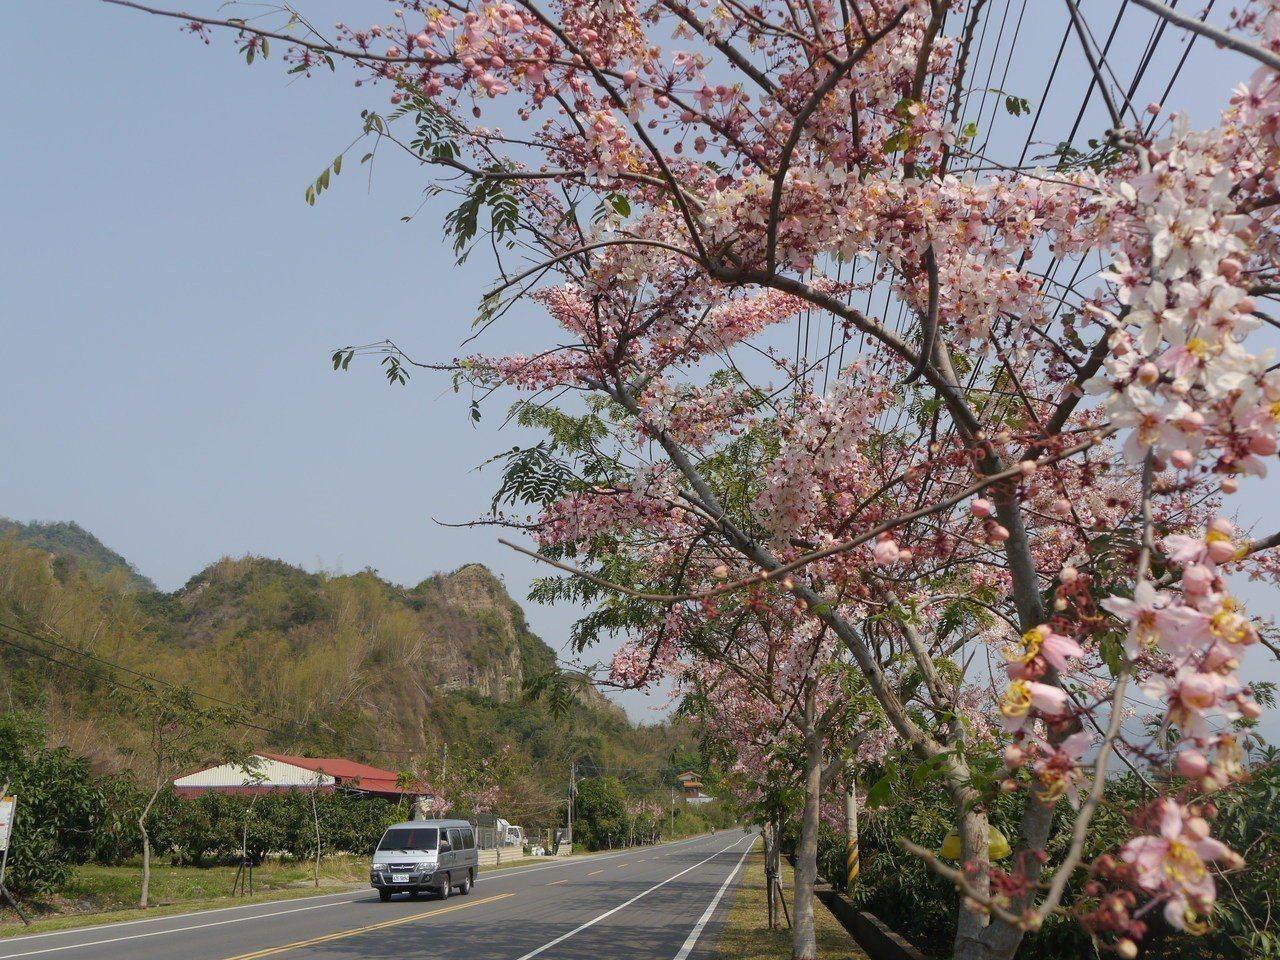 台27甲六龜路段,道路兩旁栽種粉紅陣雨樹。圖/本報資料照